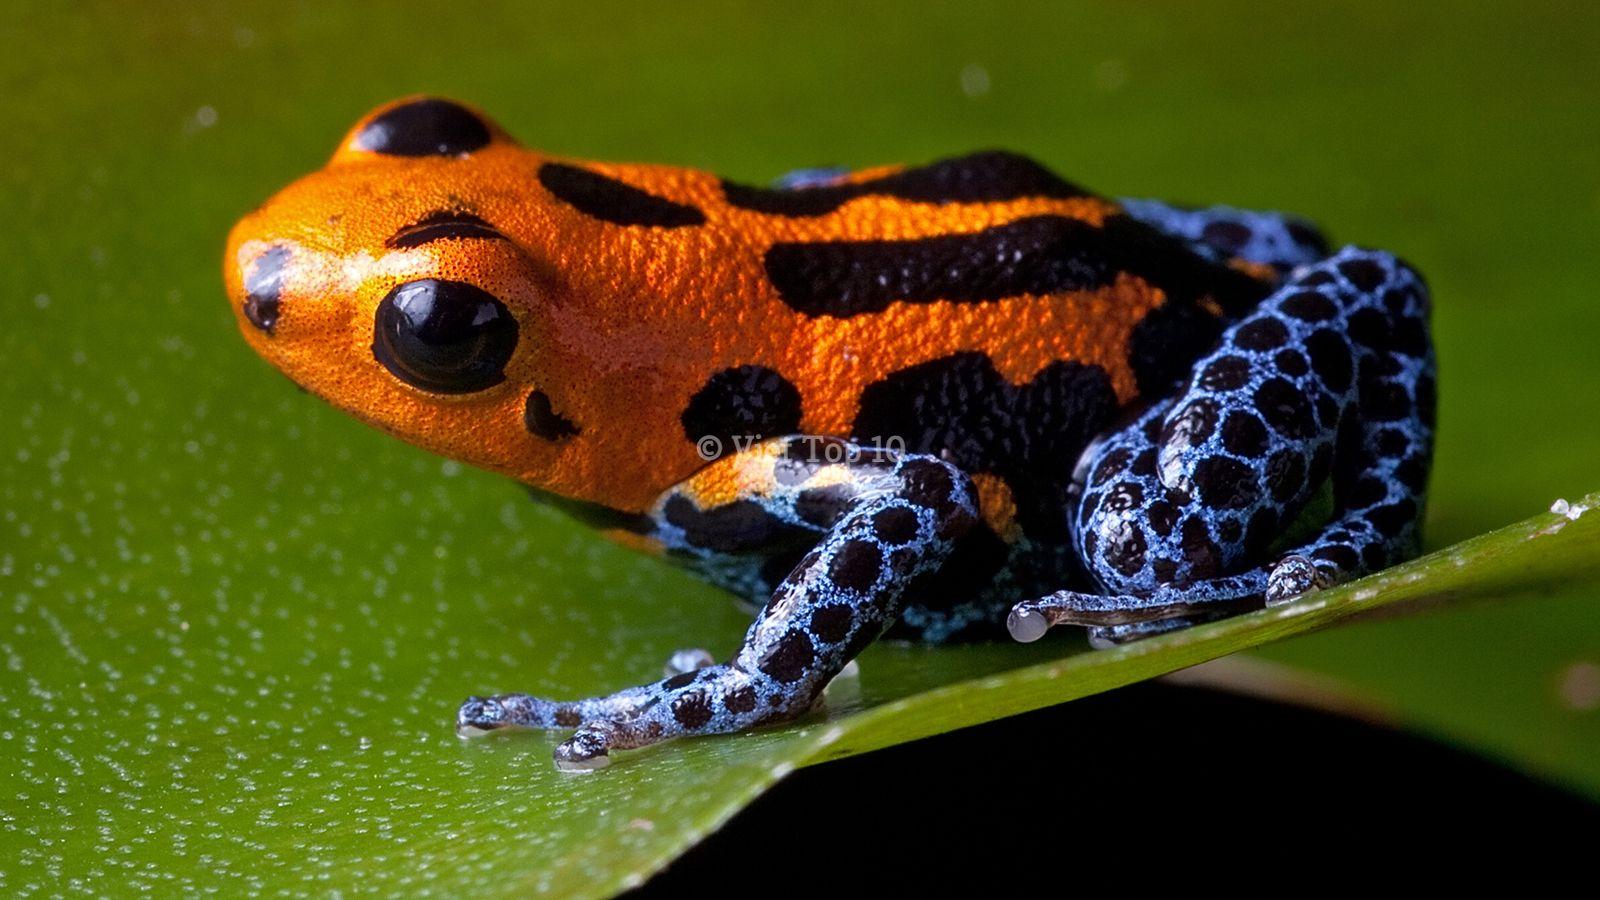 10 điều kỳ lạ và thú vị nhất trong rừng Amazon - việt top 10 - việt top 10 net - viettop10